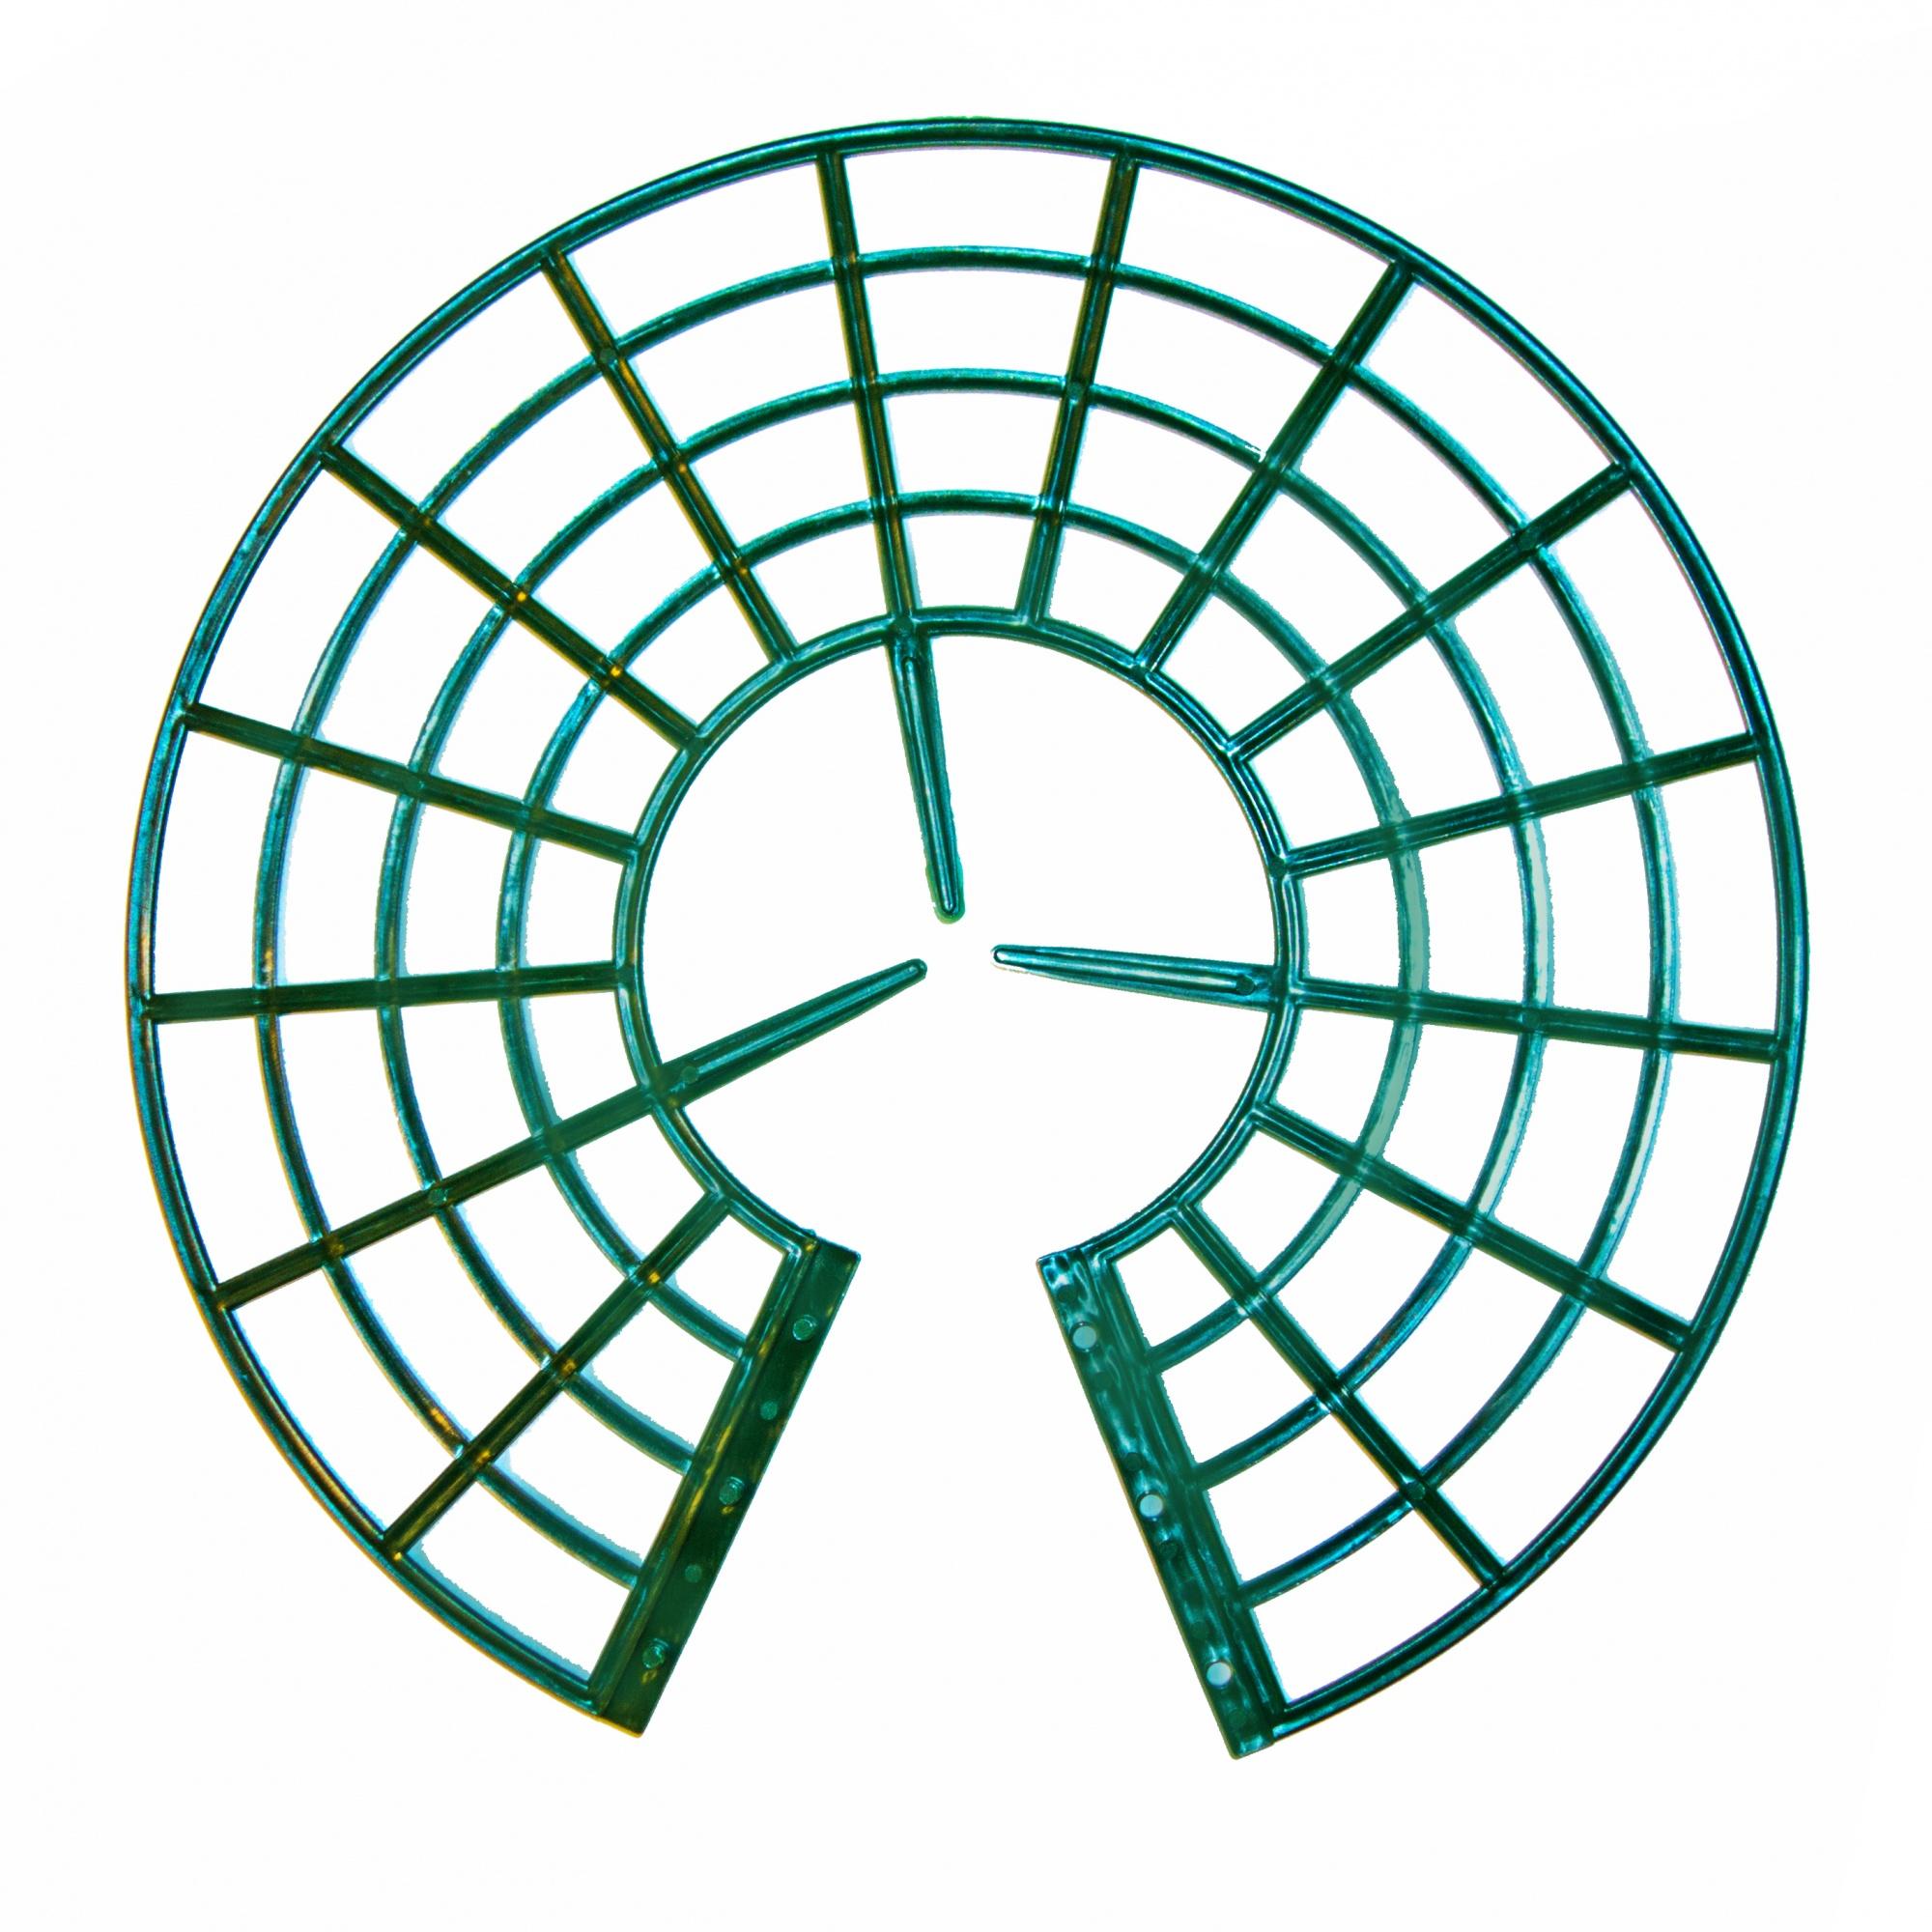 Подставка под клубнику зеленая (набор 5 шт.)